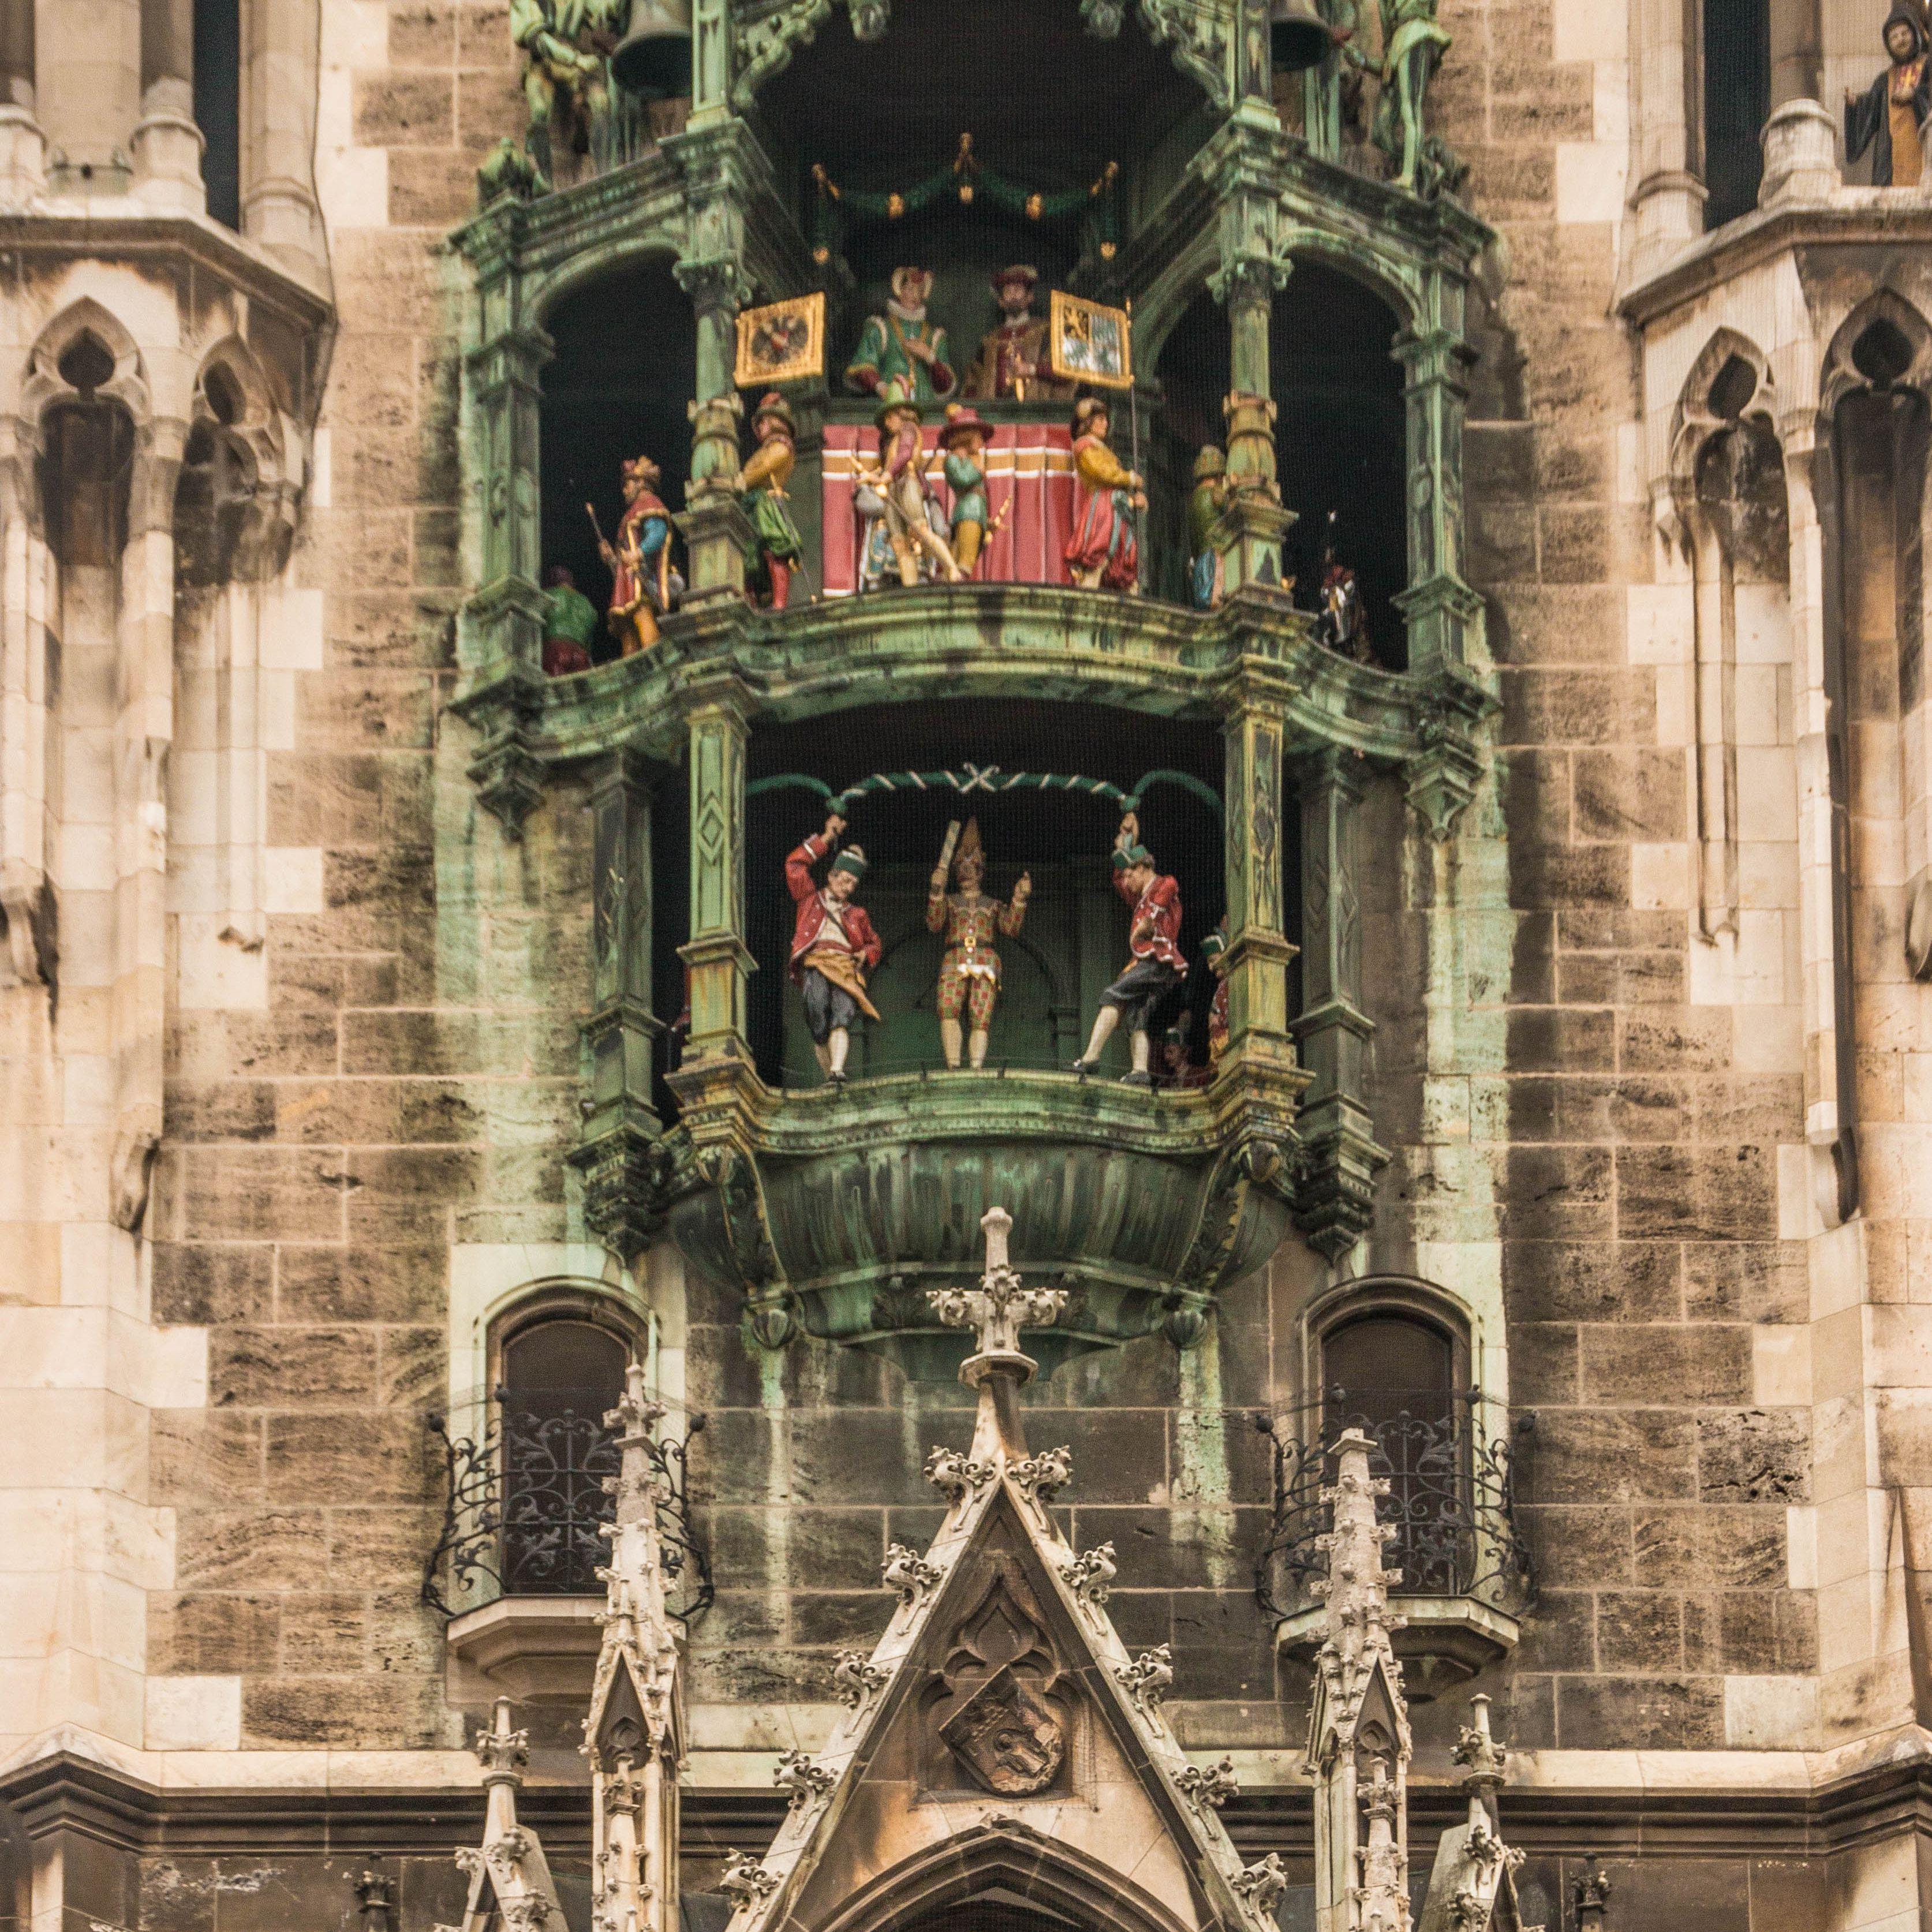 The glockenspiel at the Rathaus in Munich